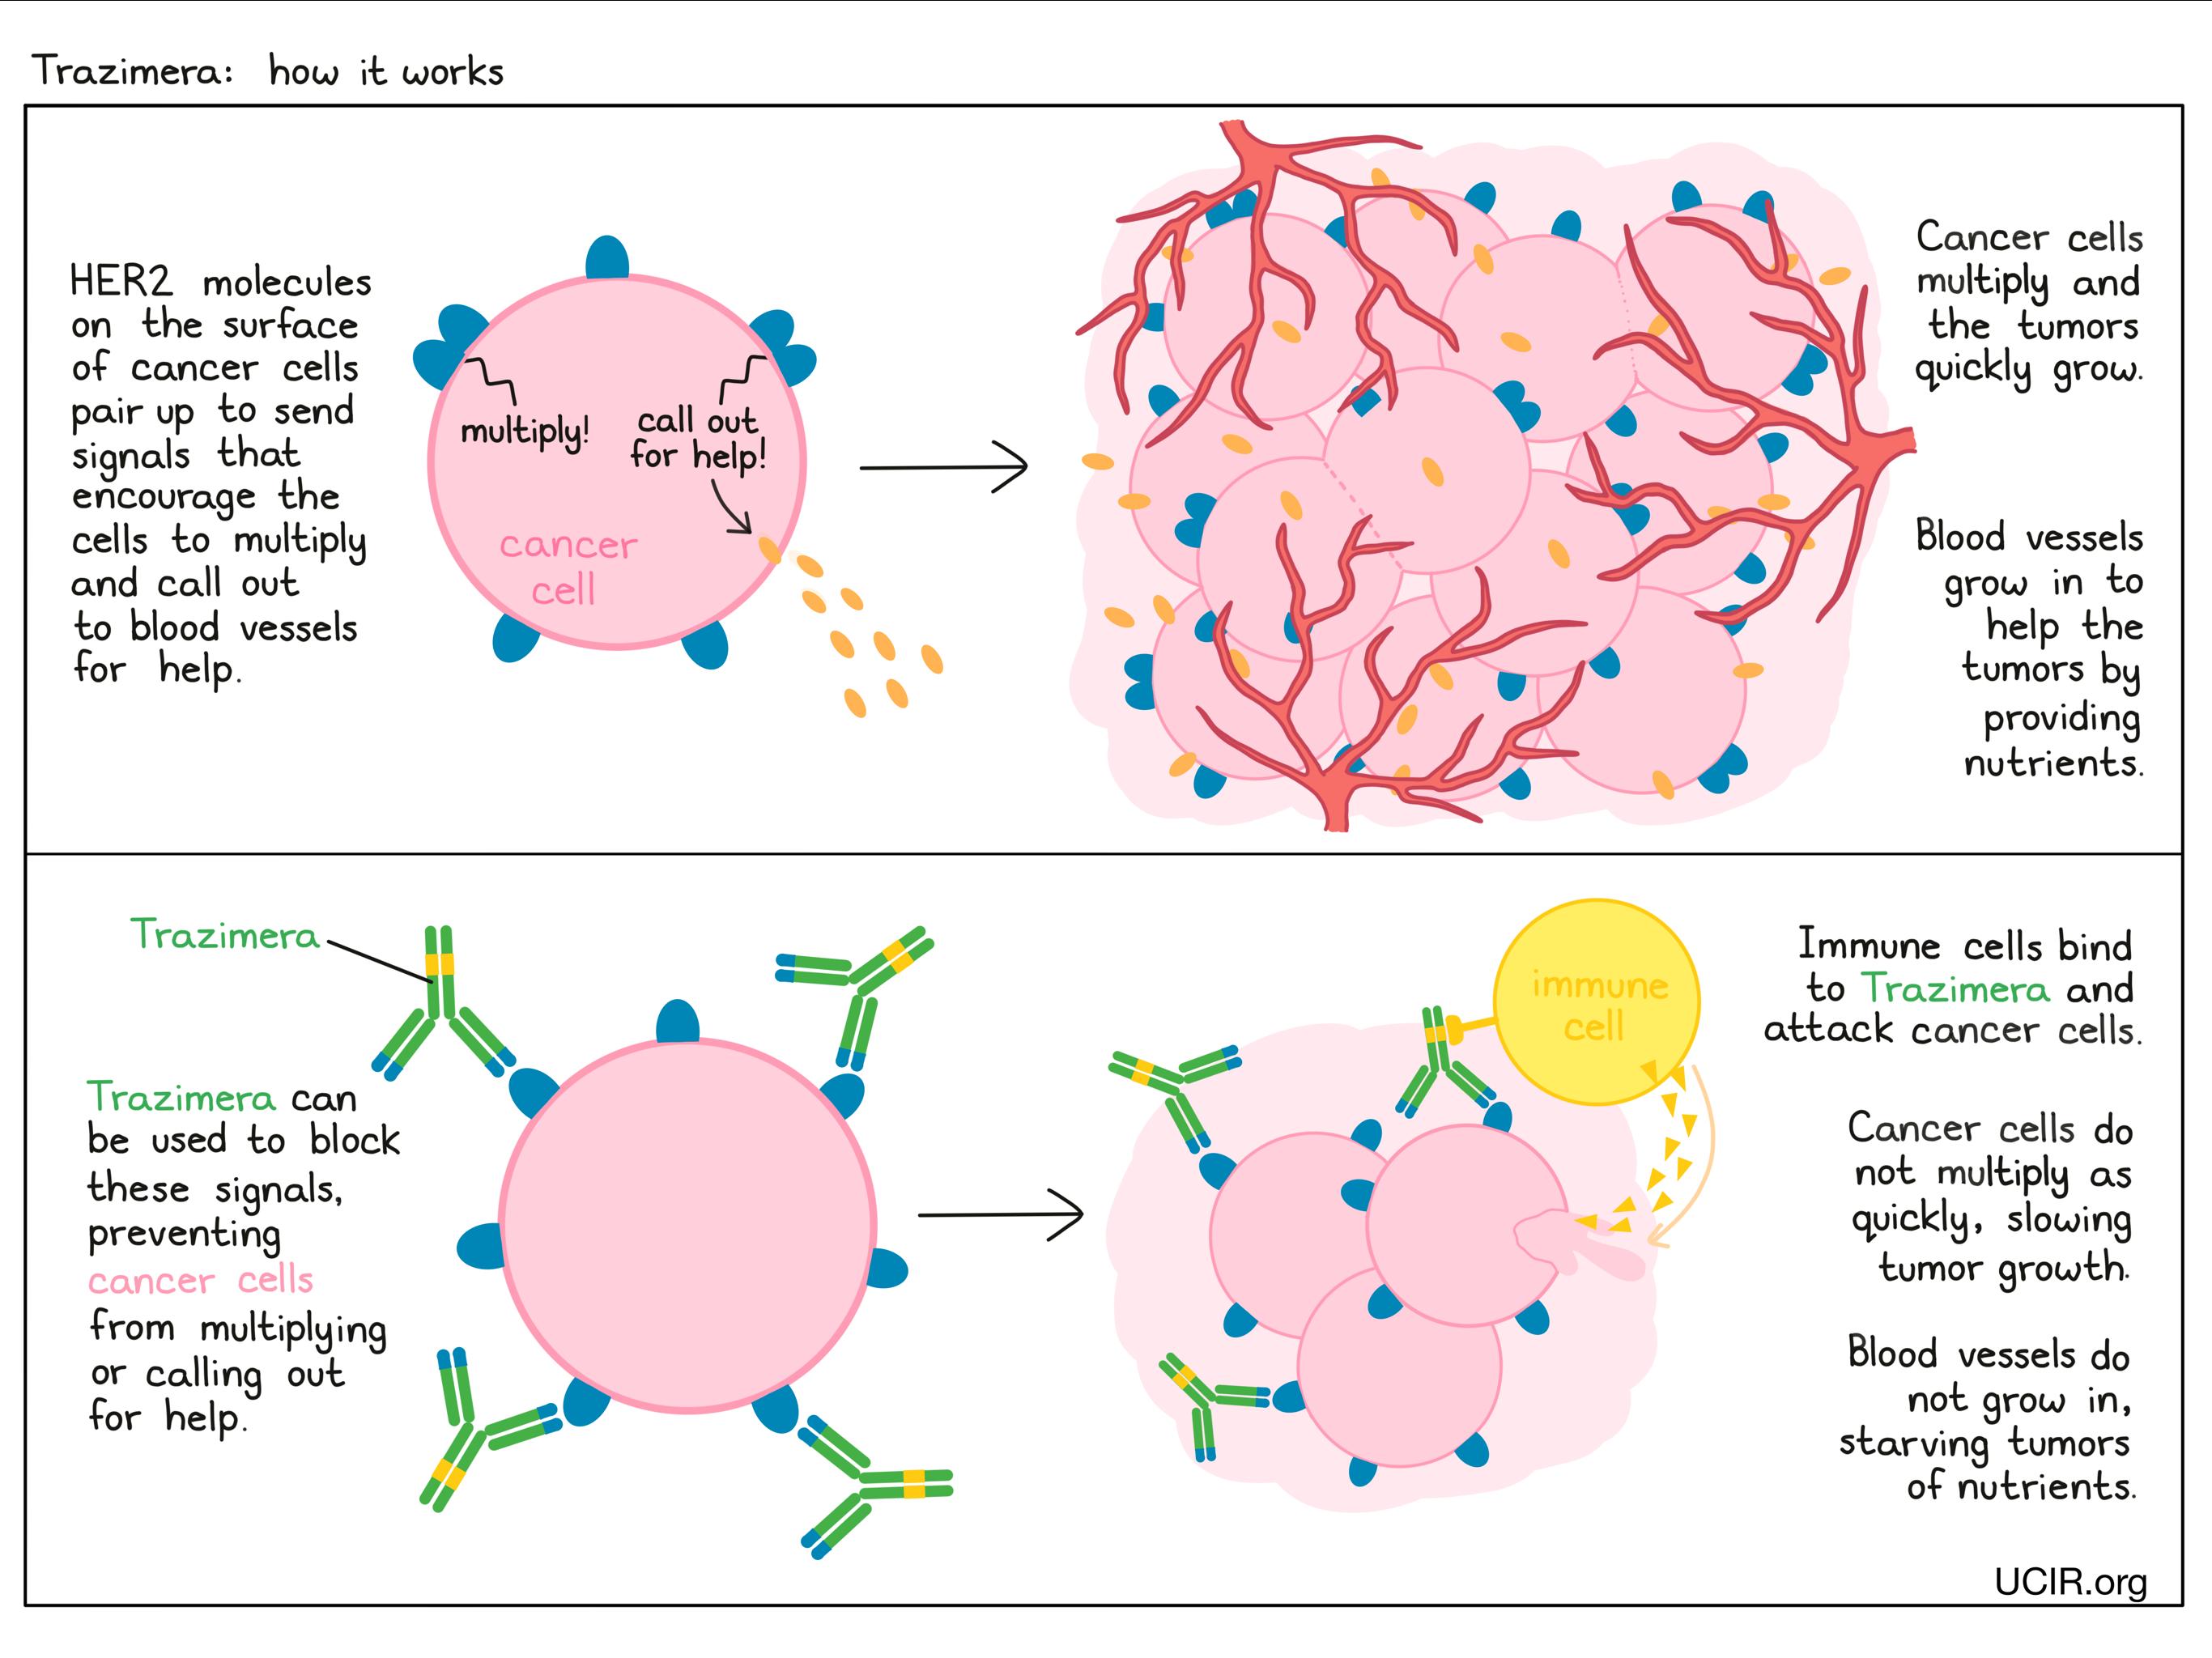 Illustration showing how Trazimera works